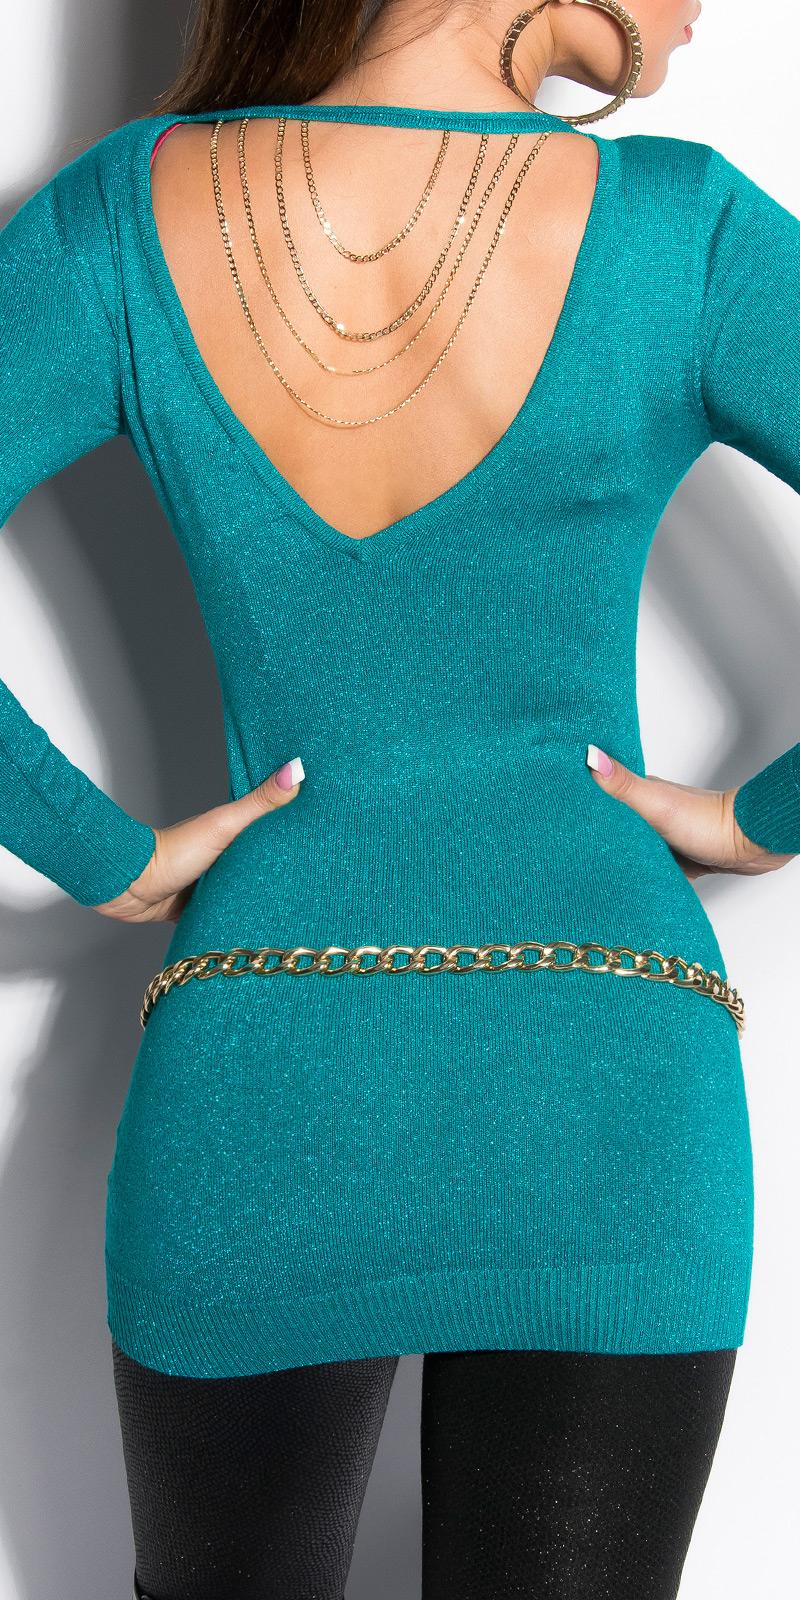 Dámský dlouhý svetr Koucla s řetízkem tyrkys (Dámský svetr)